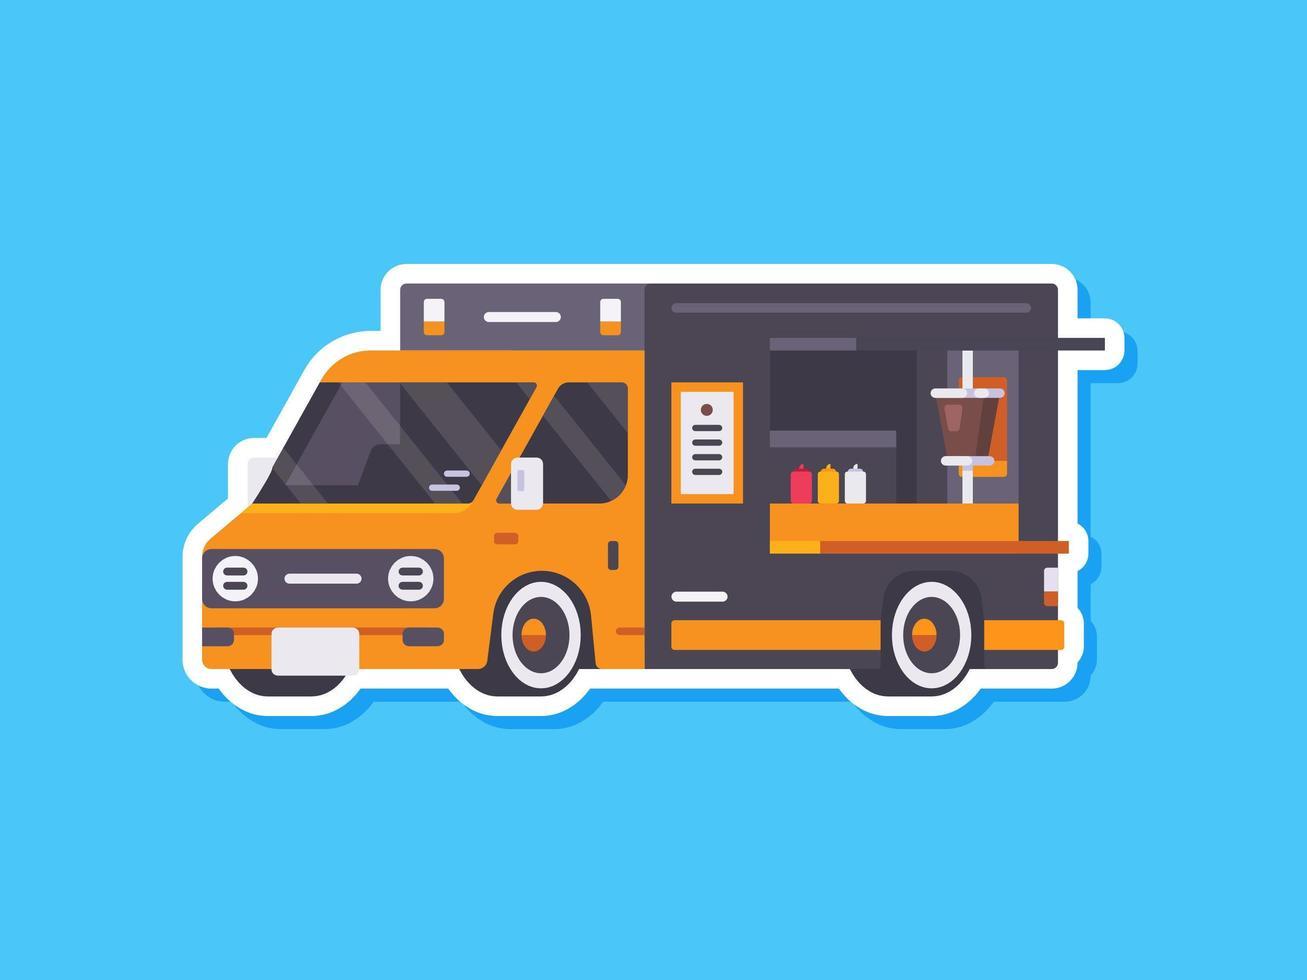 food truck sticker in vlakke stijl. vector voedsel vrachtwagen illustratie